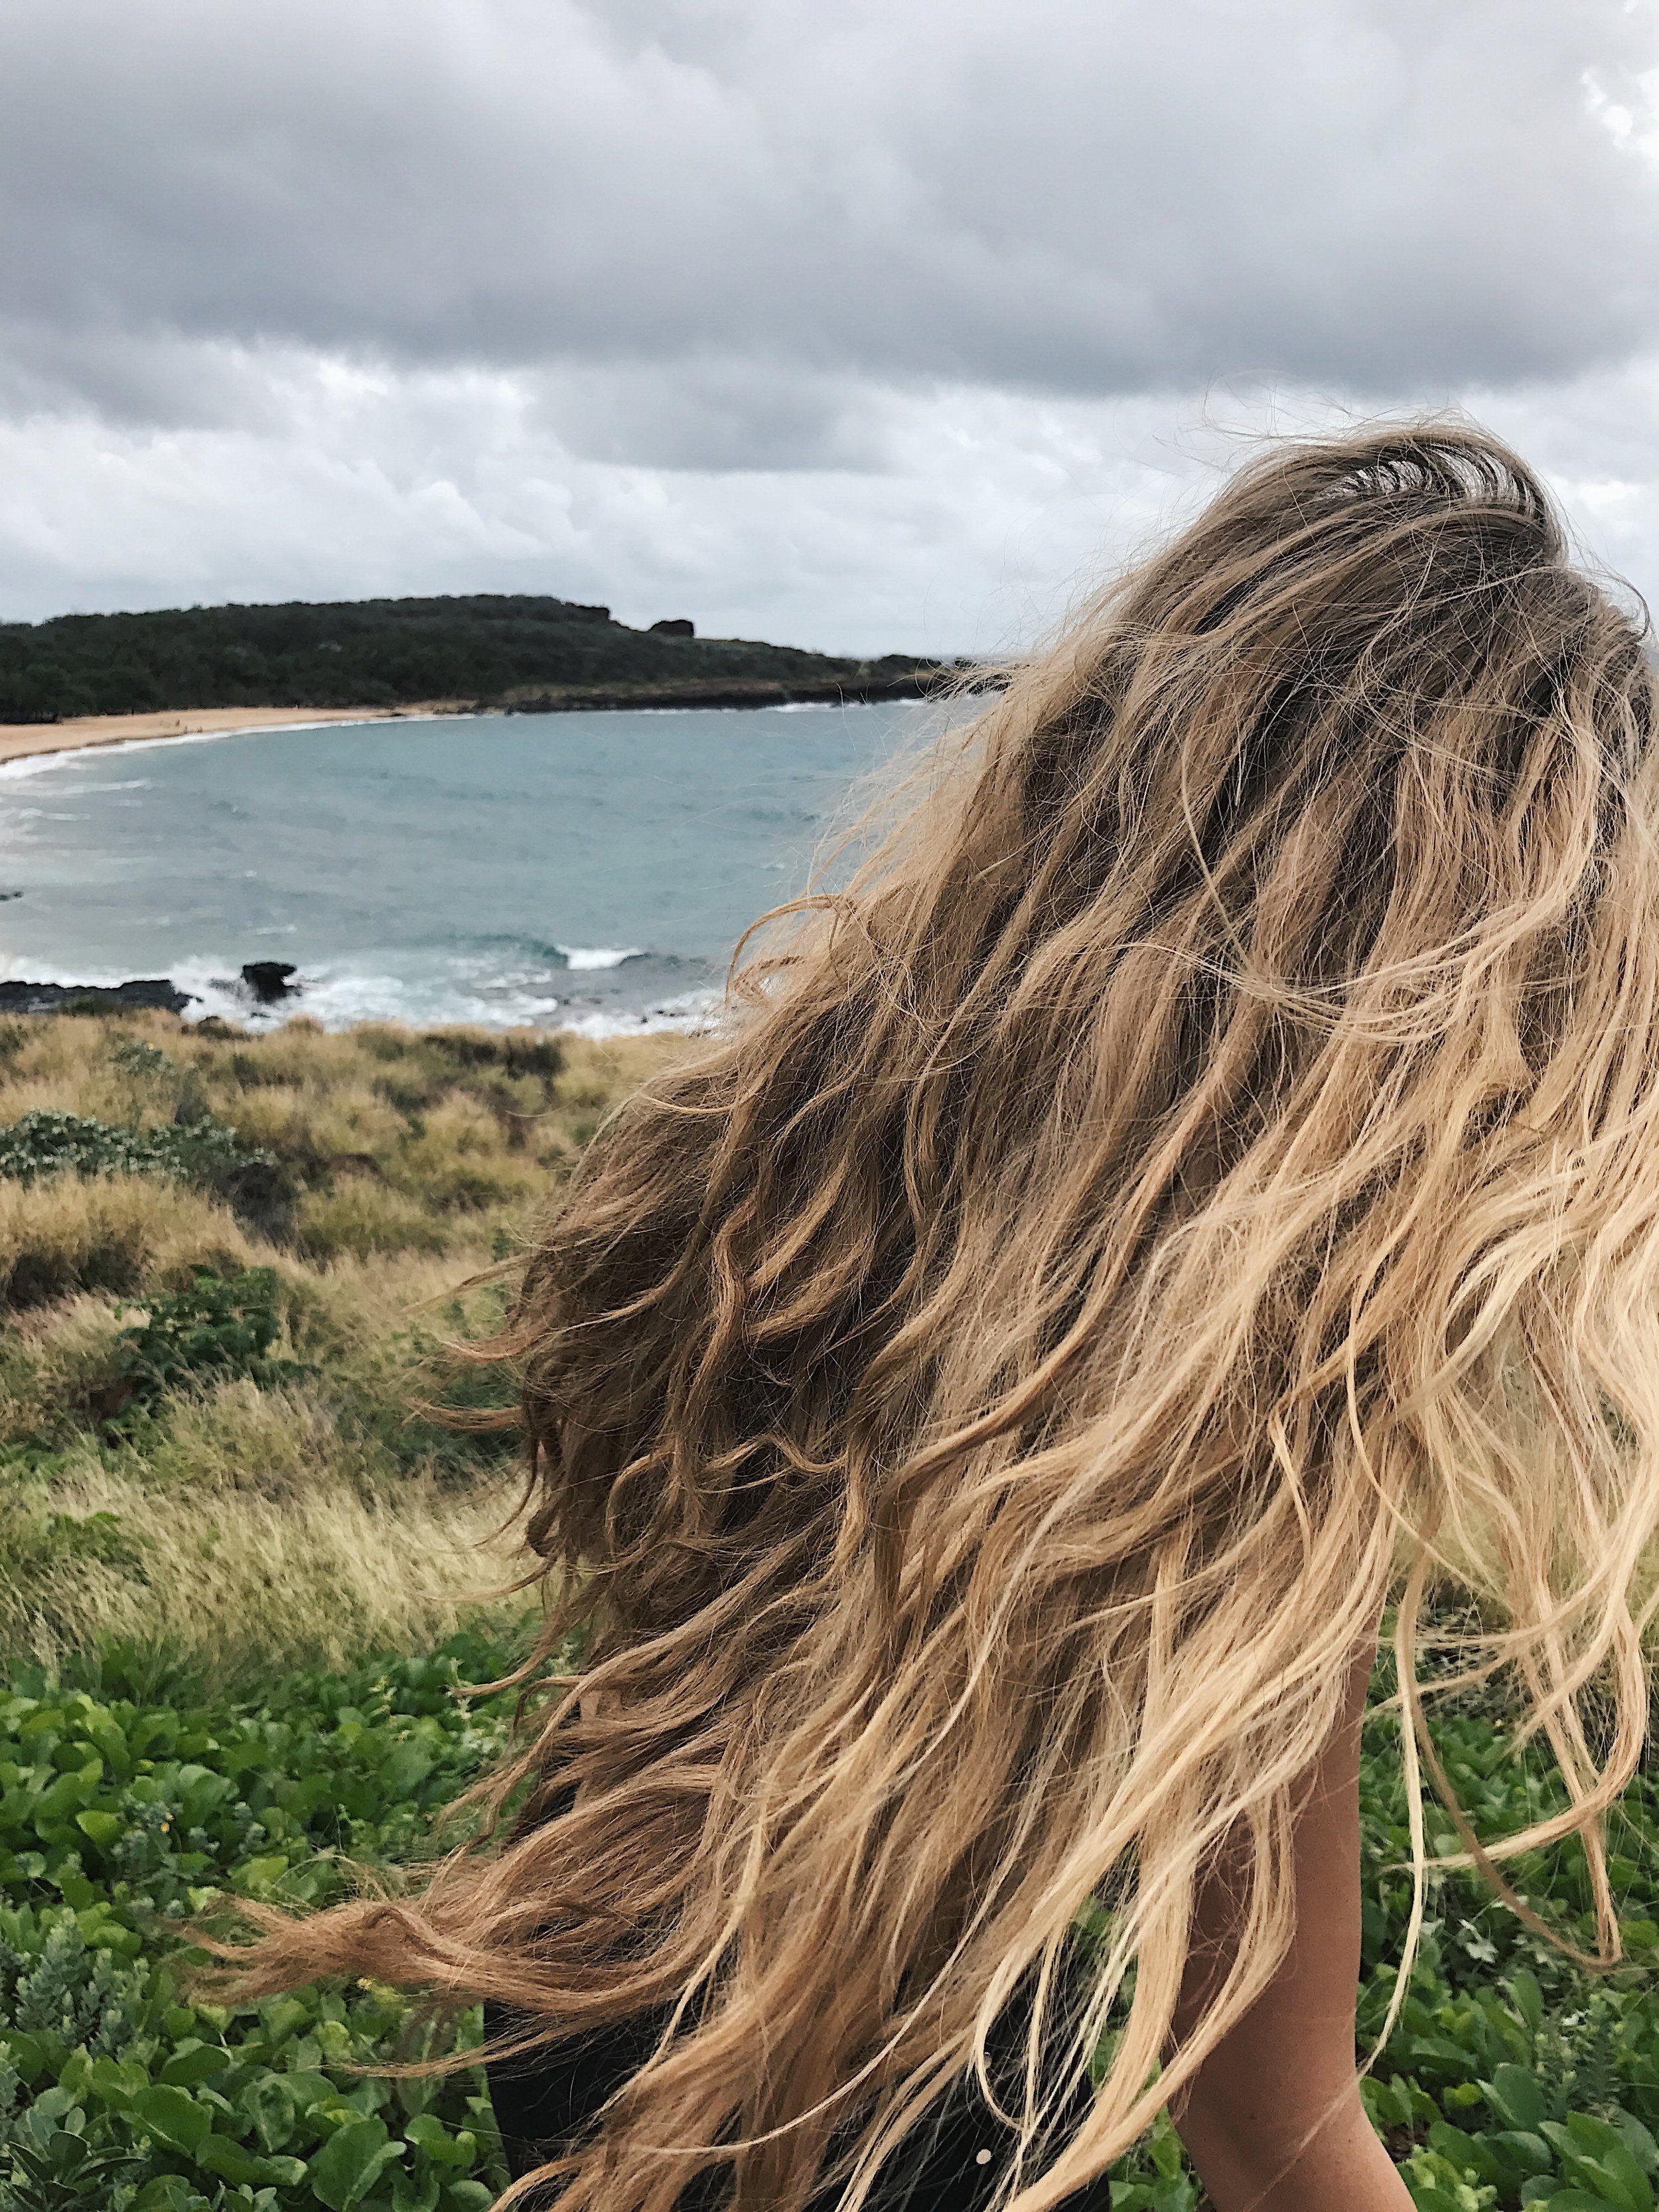 Pinterest Gaviaboyden Hair Hairstyle Haircuts Makeup Selfcare Looks Cute Prett In 2020 Surfer Hair Long Hair Styles Surf Hair